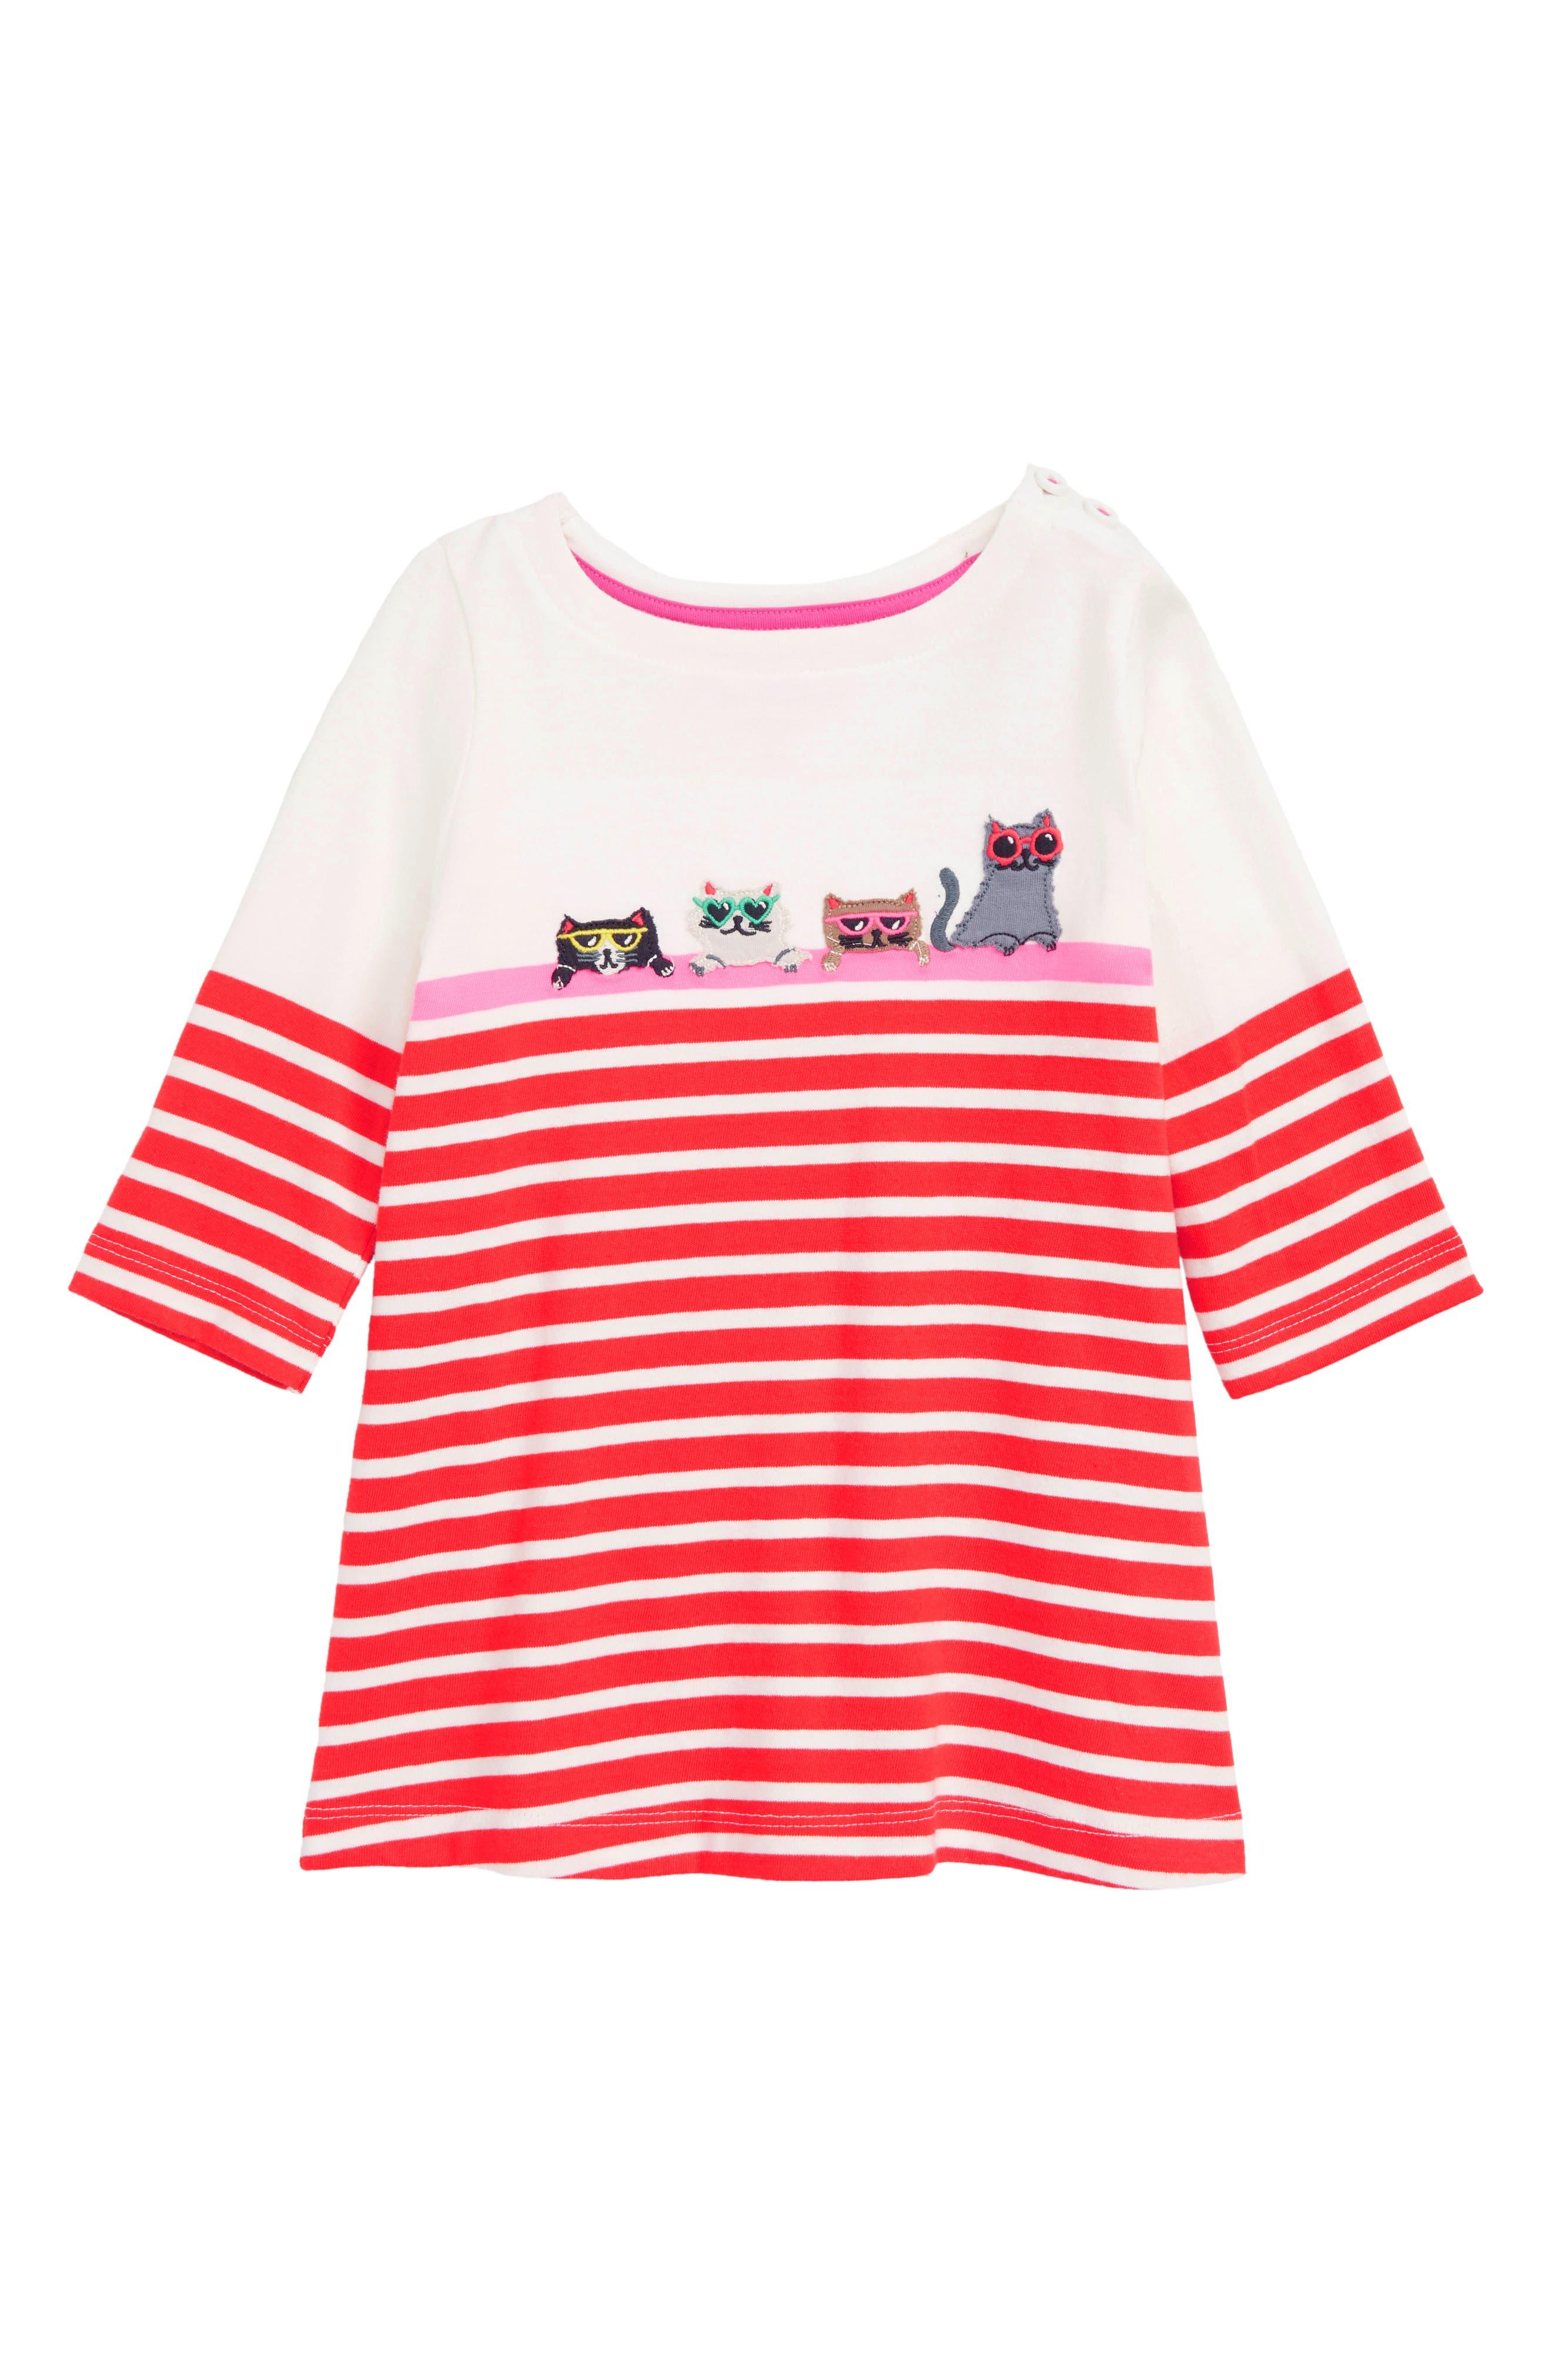 MINI BODEN Stripe Appliqué Tunic, Main, color, 614